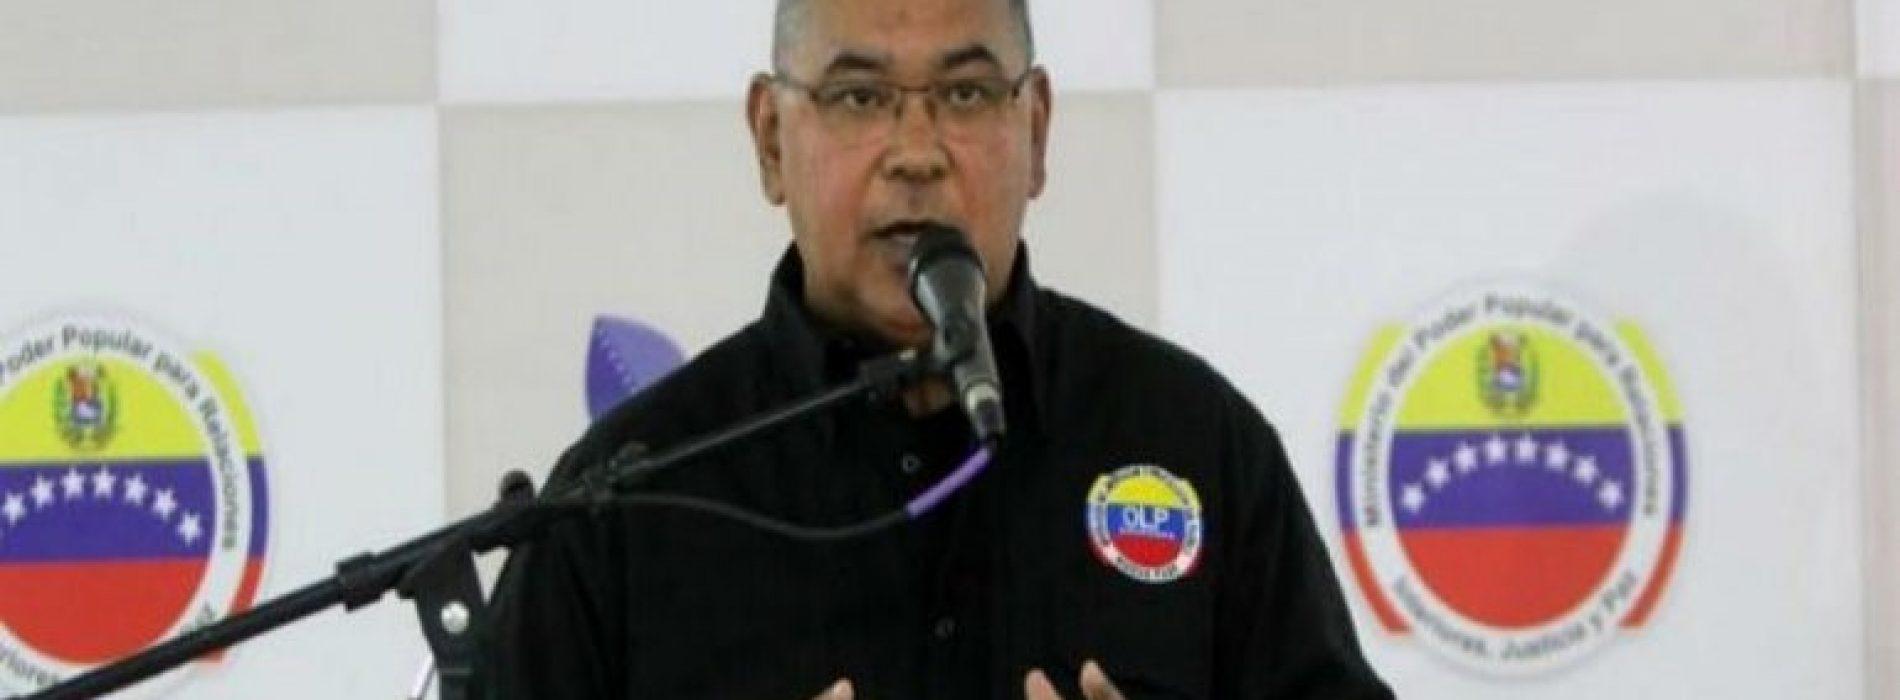 Capturan a 6 presuntos implicados en el atentado contra Maduro en Venezuela